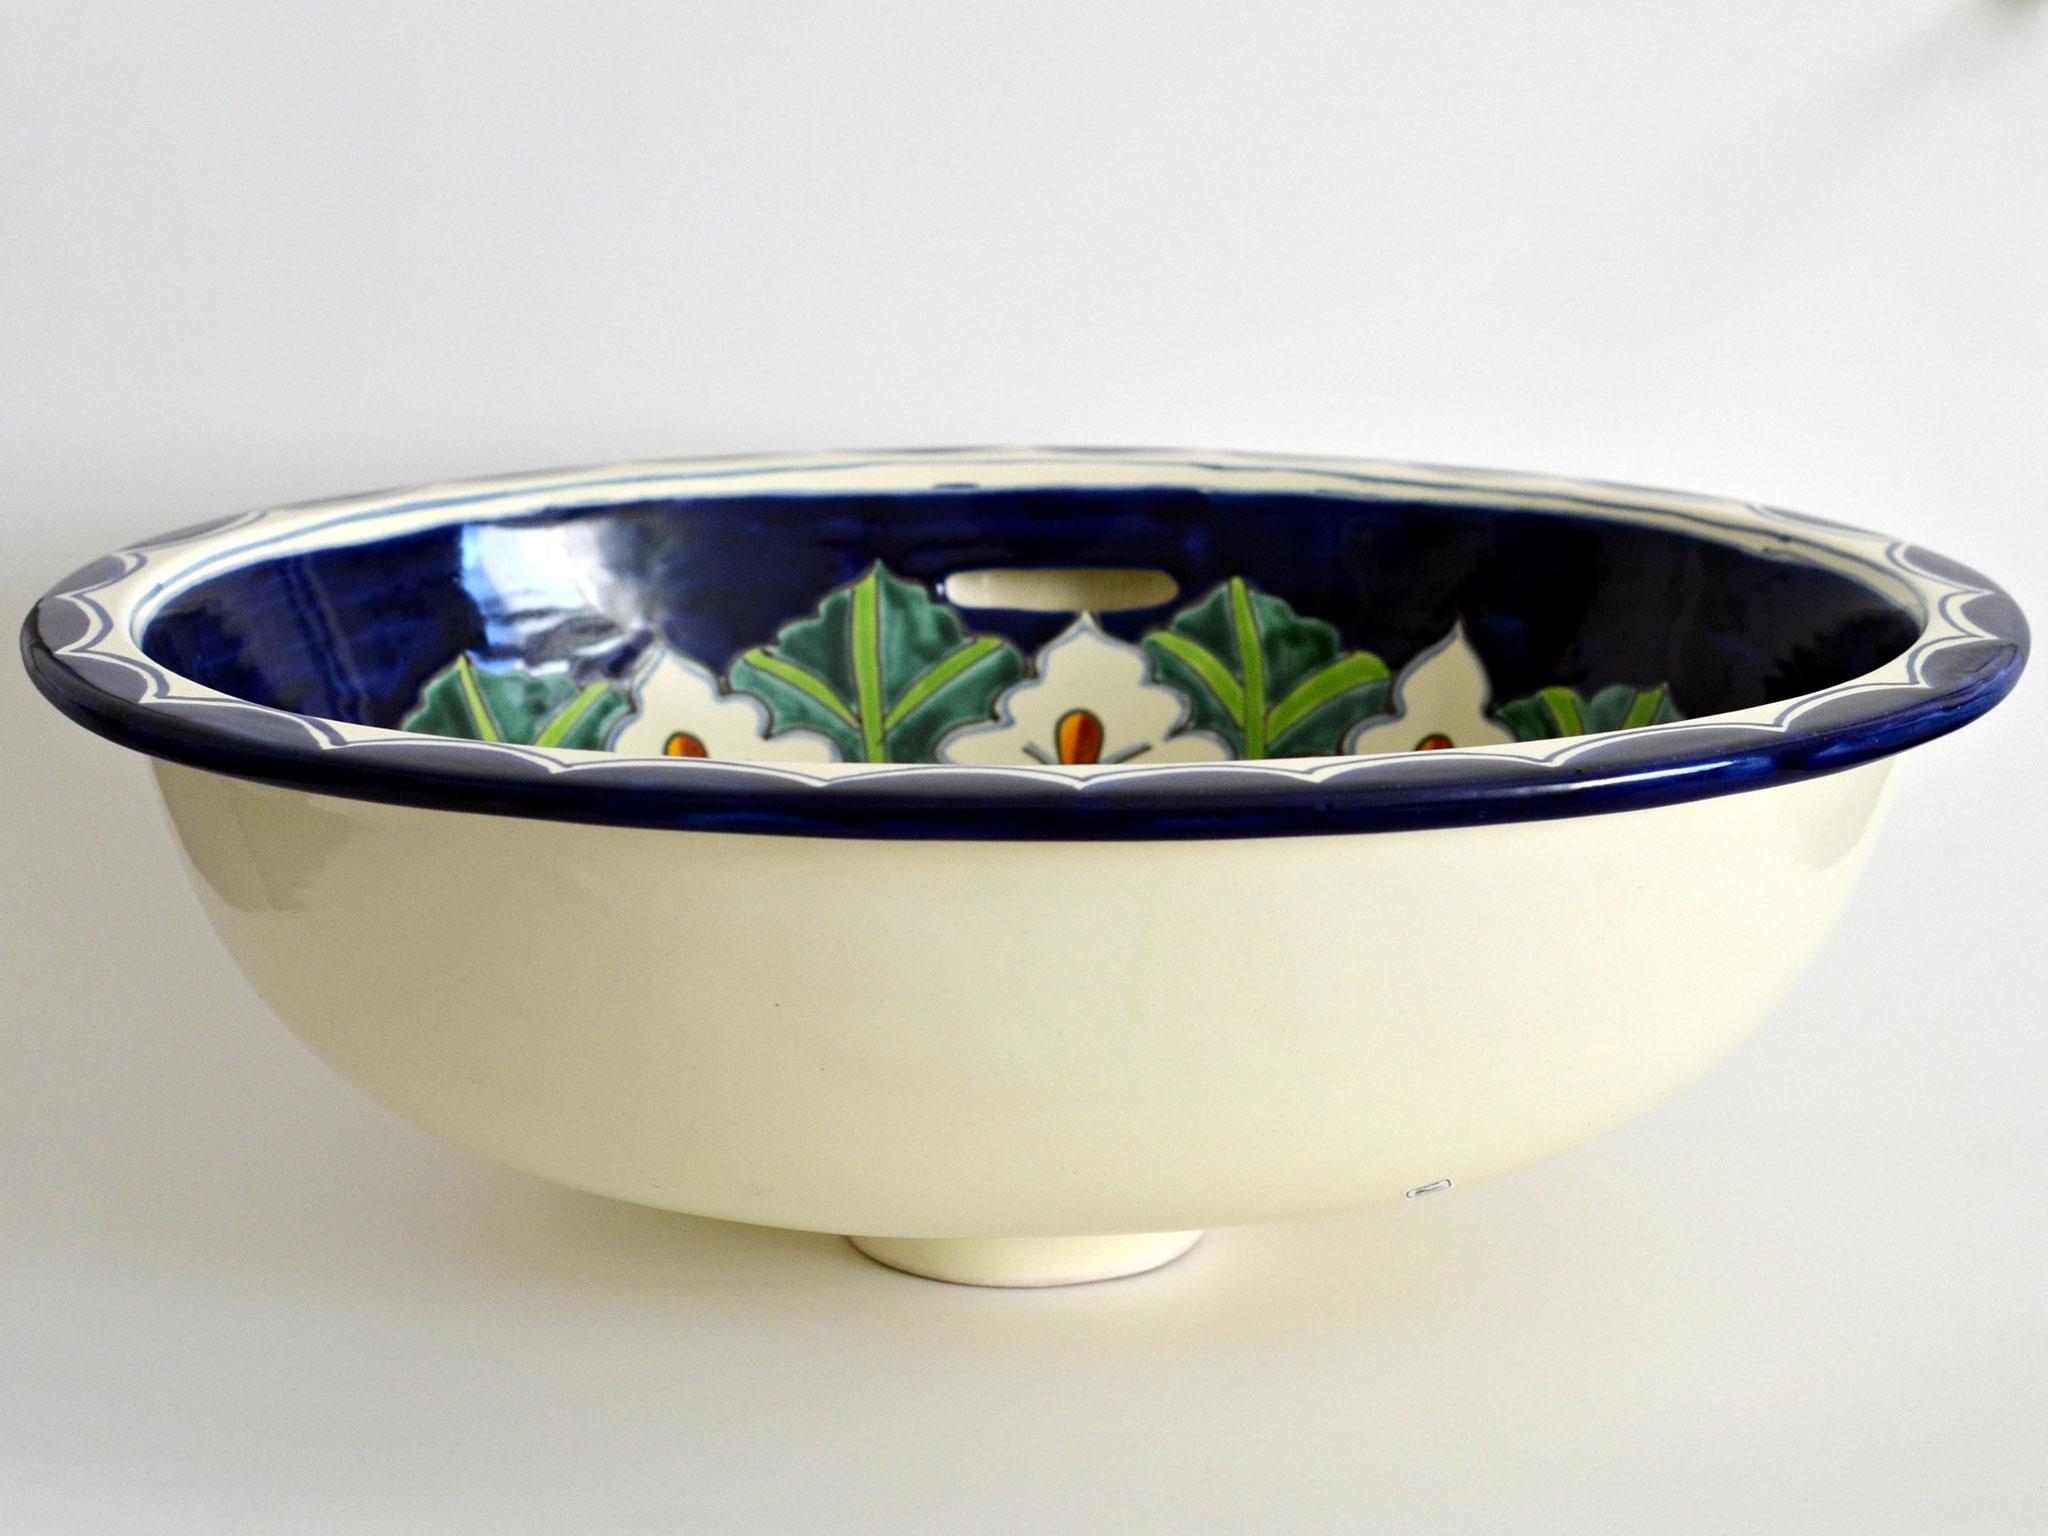 Einbauwaschbecken mit Calla Muster aus Mexiko - Handbemalt